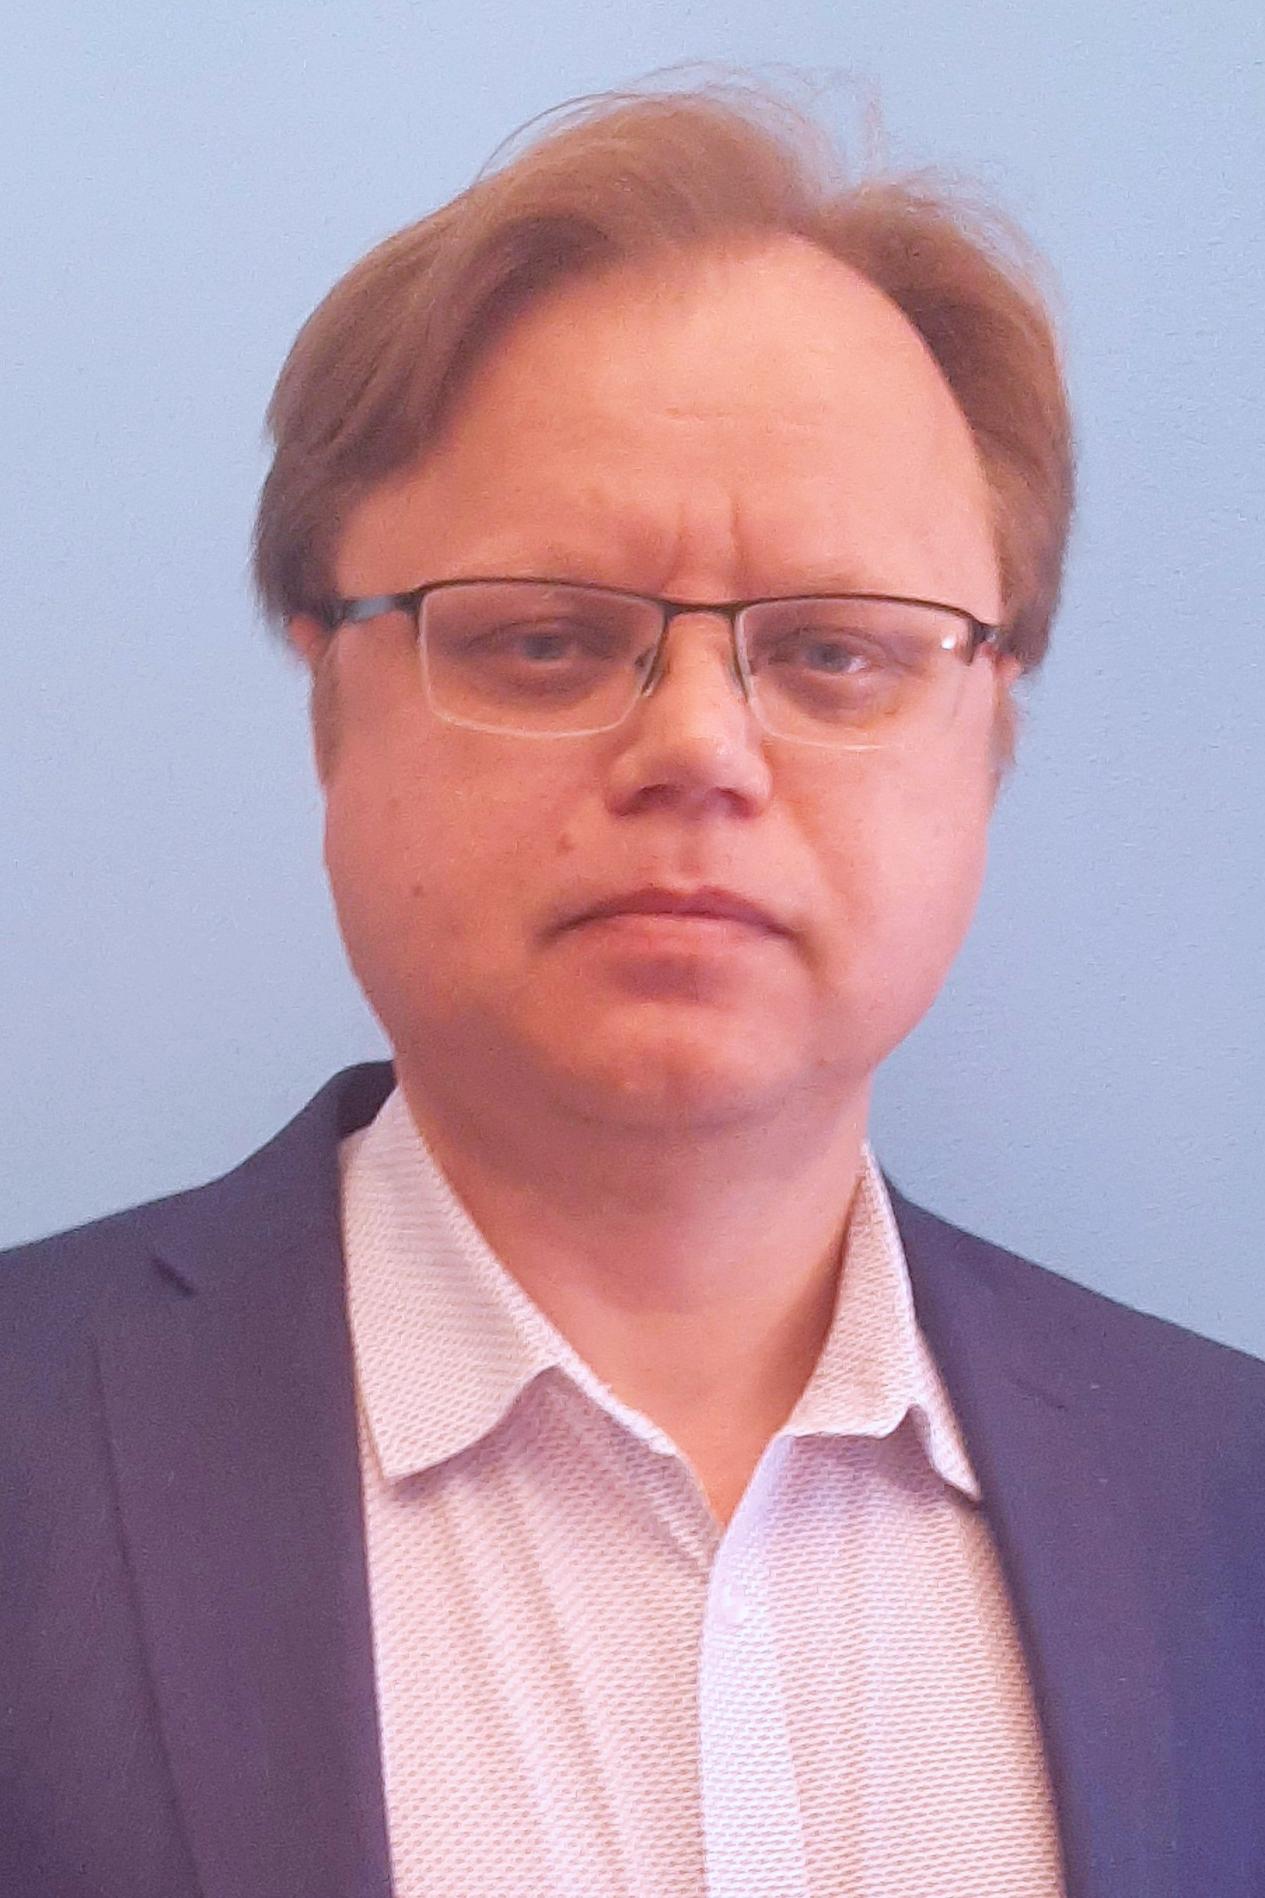 Подопригора Роман Николаевич